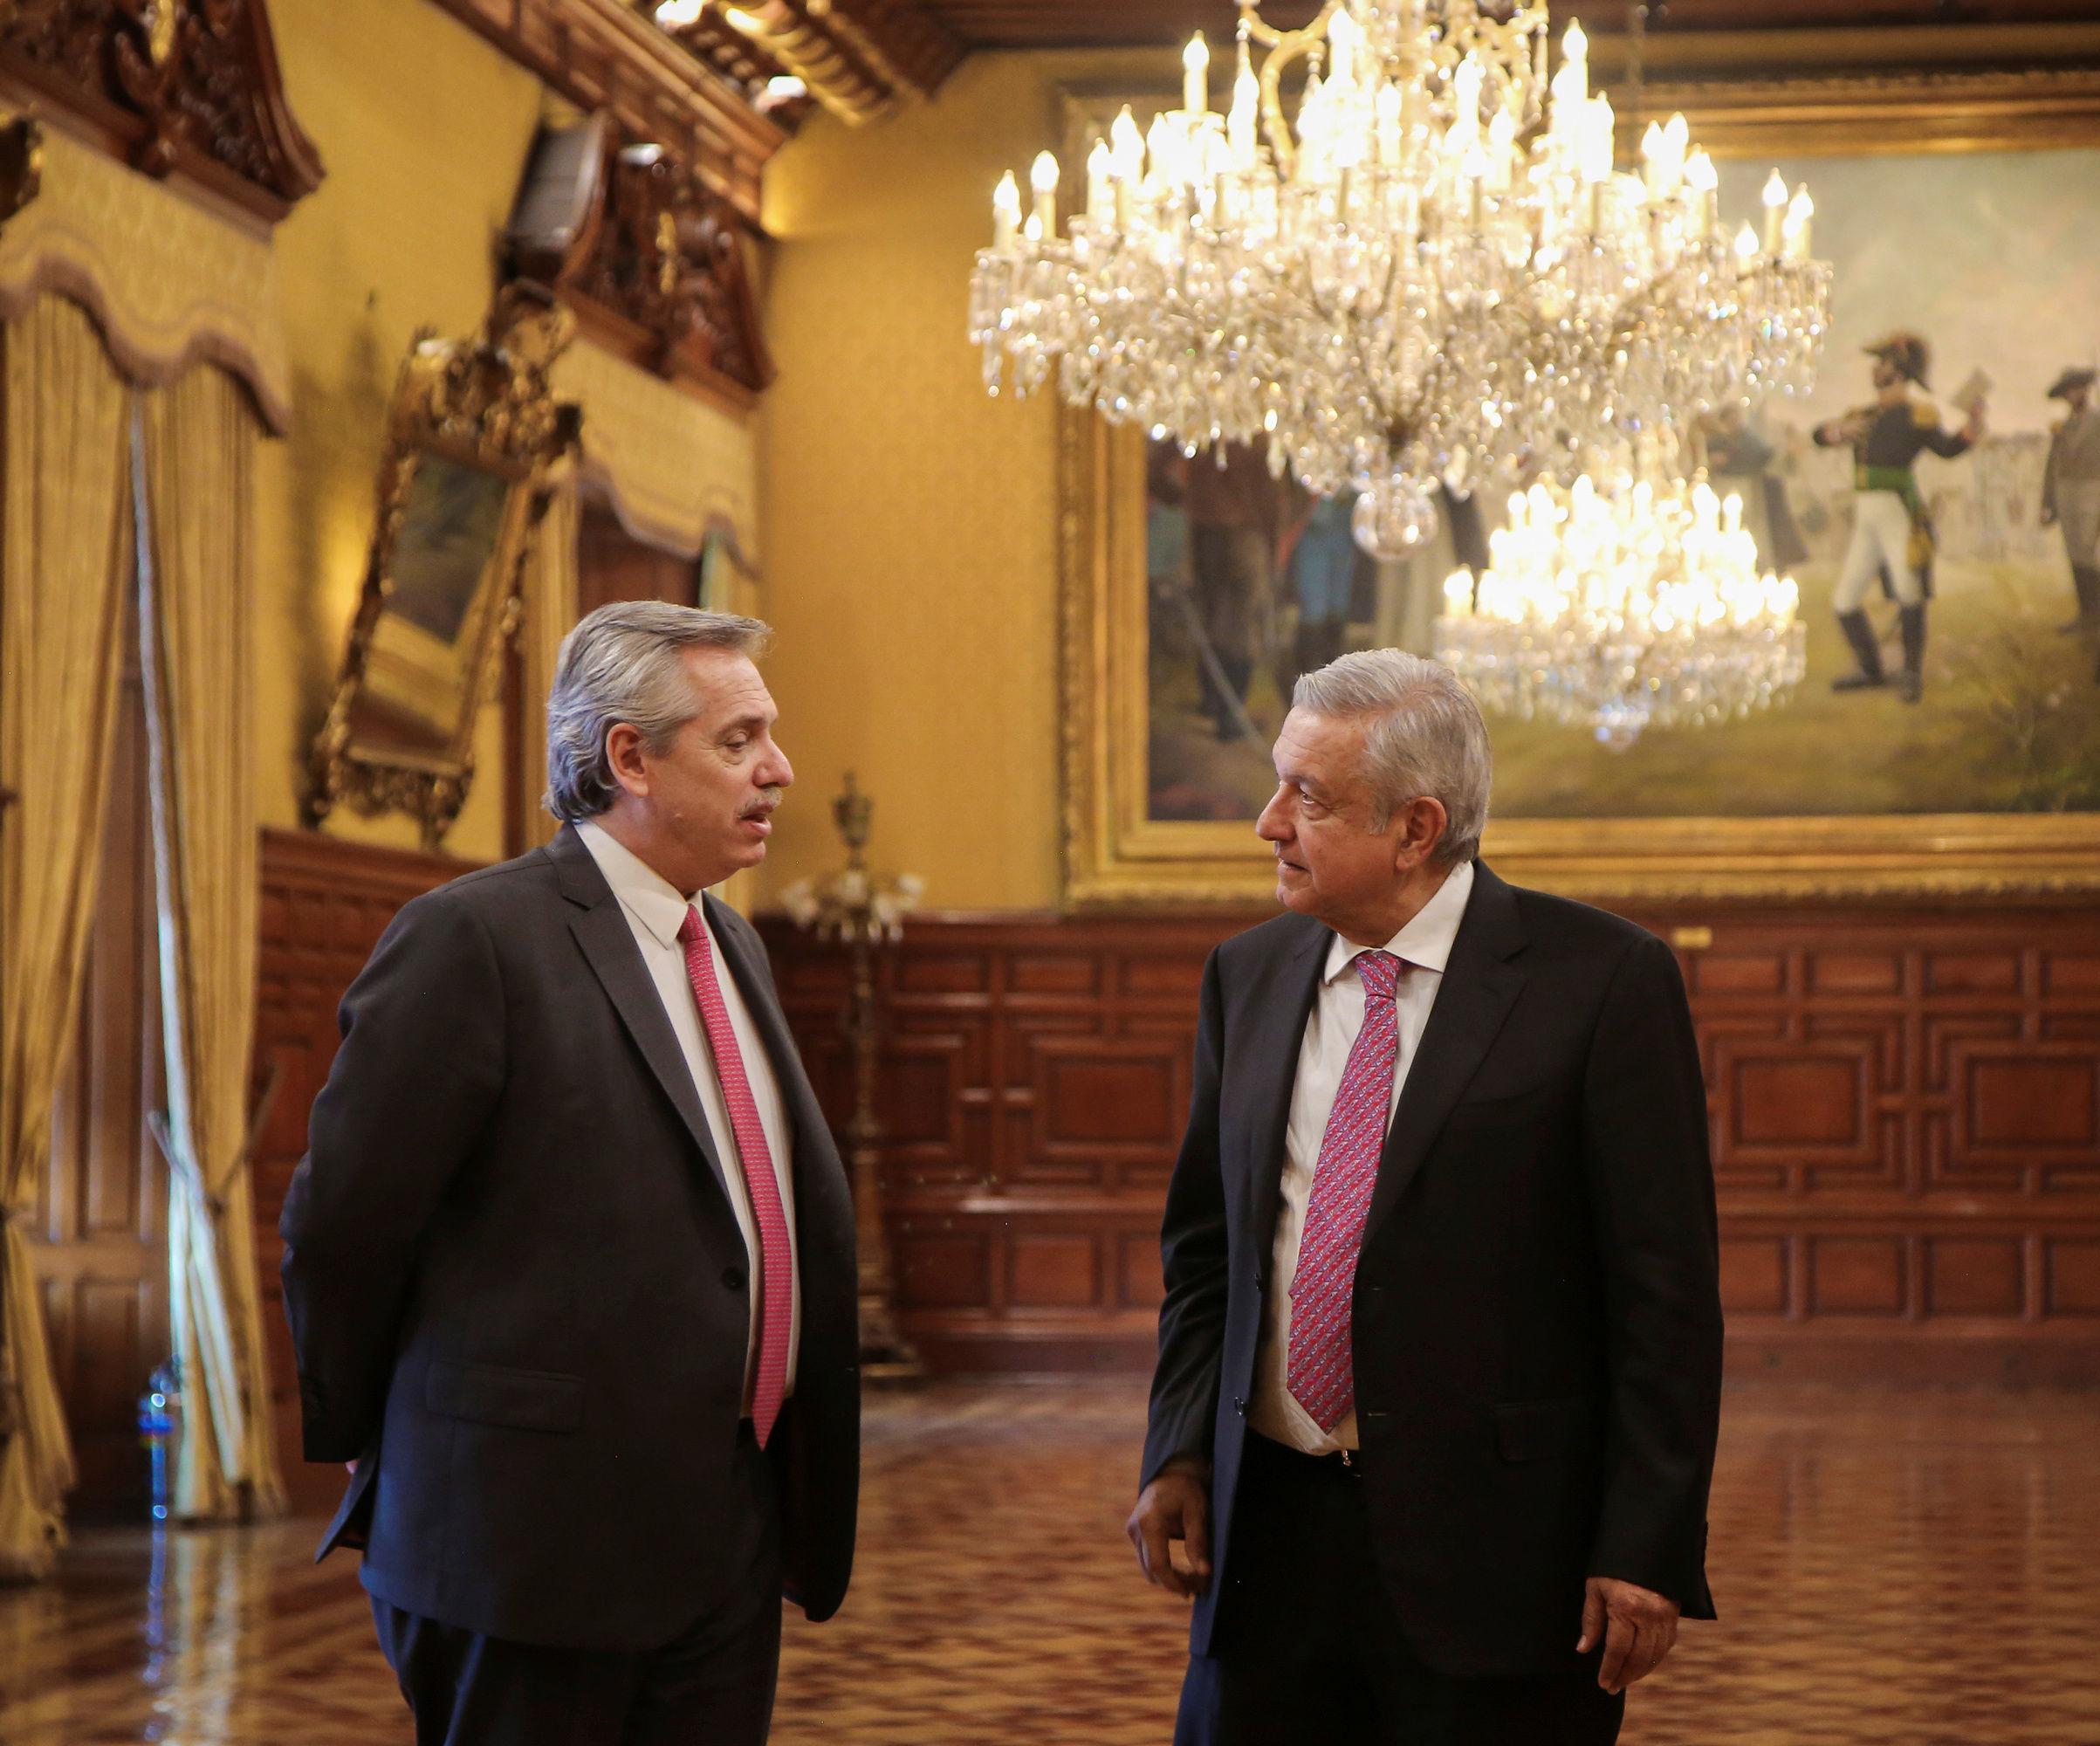 O presidente eleito da Argentina, Alberto Fernandez, e o presidente do México, Andres Manuel Lopez Obrador, em reunião no Palácio Nacional, na Cidade do México, em 4 de novembro de 2019